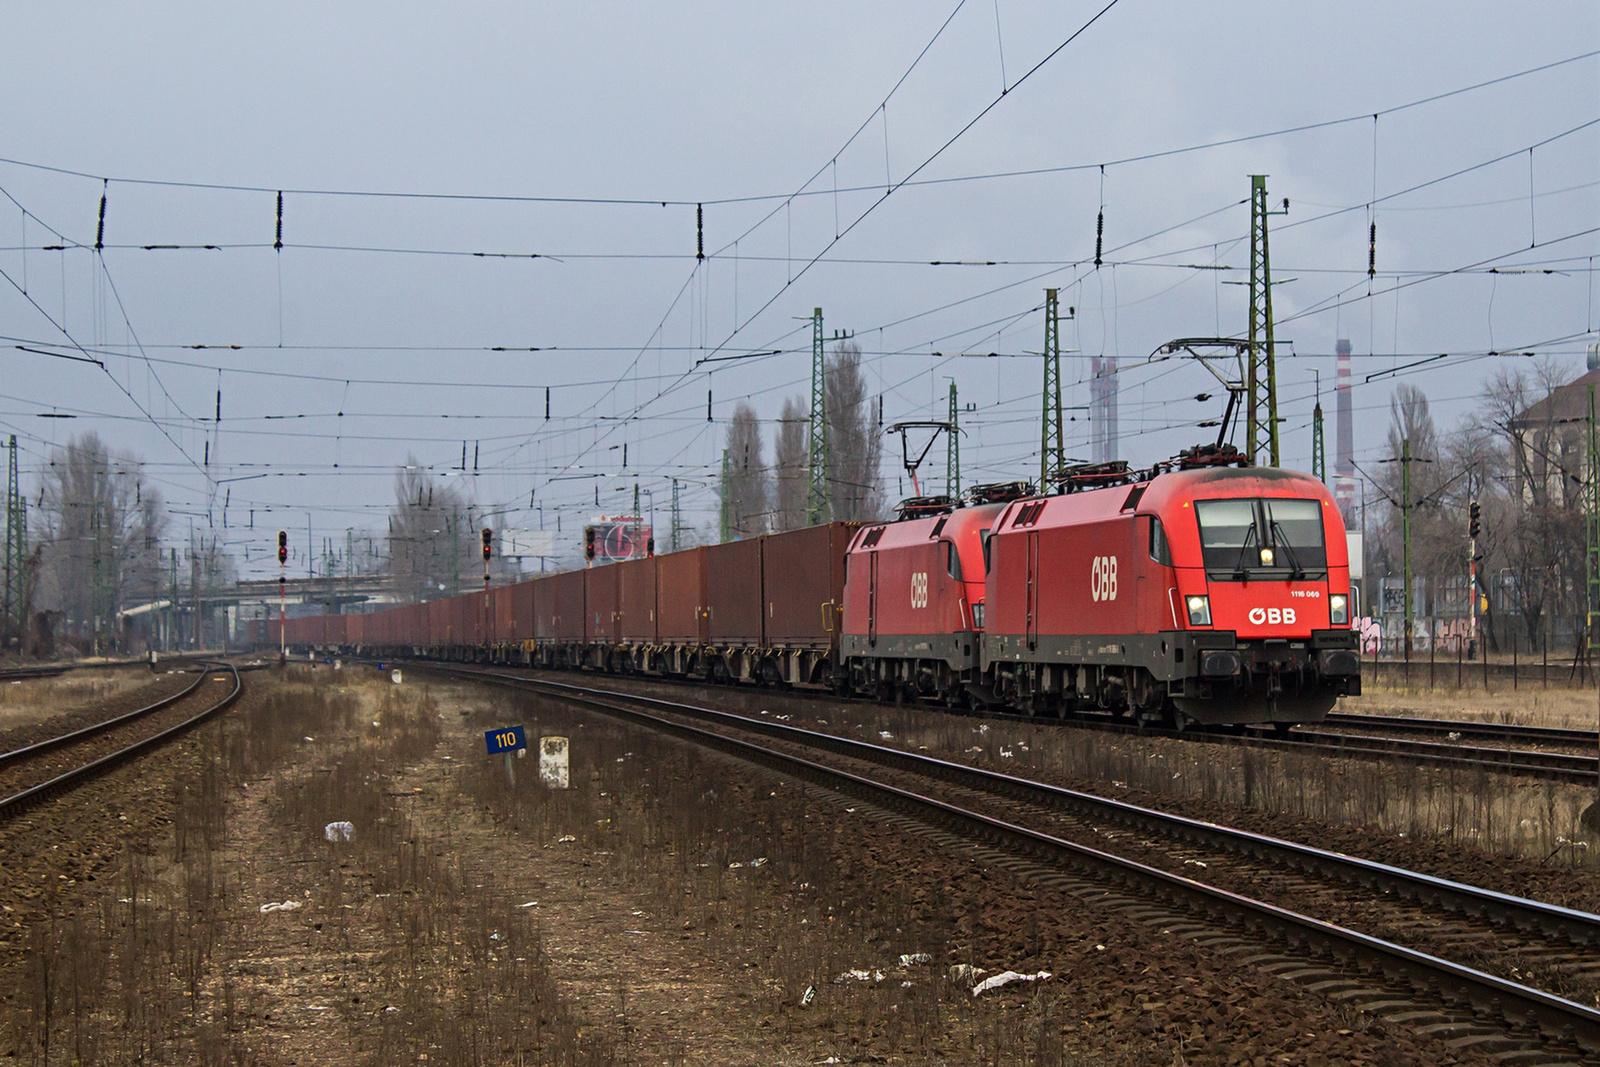 1116 069+110 Kőbánya-Kispest (2021.02.02)